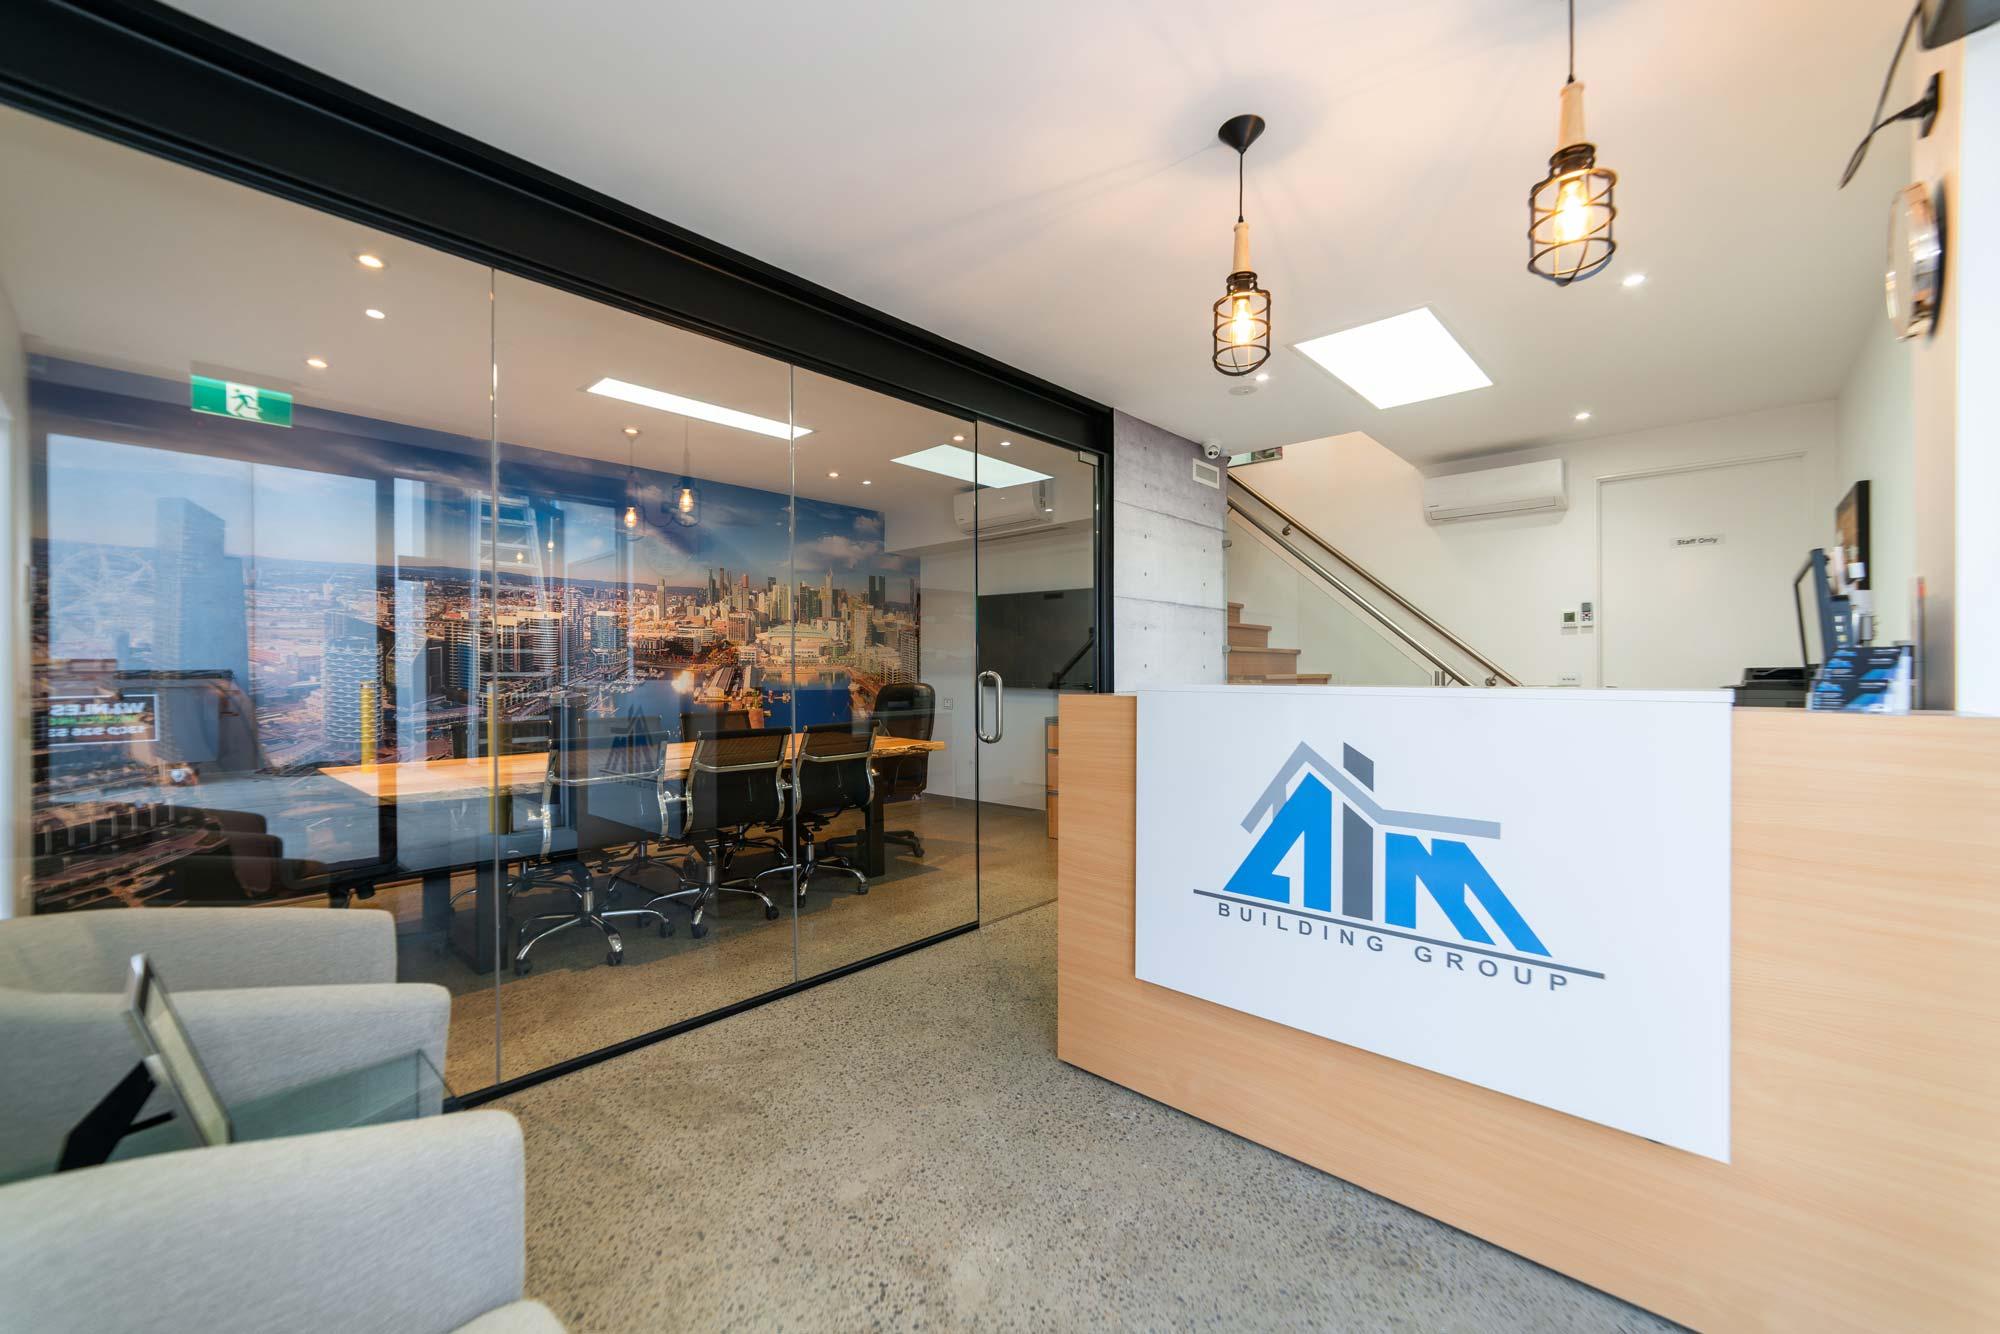 AIM reception